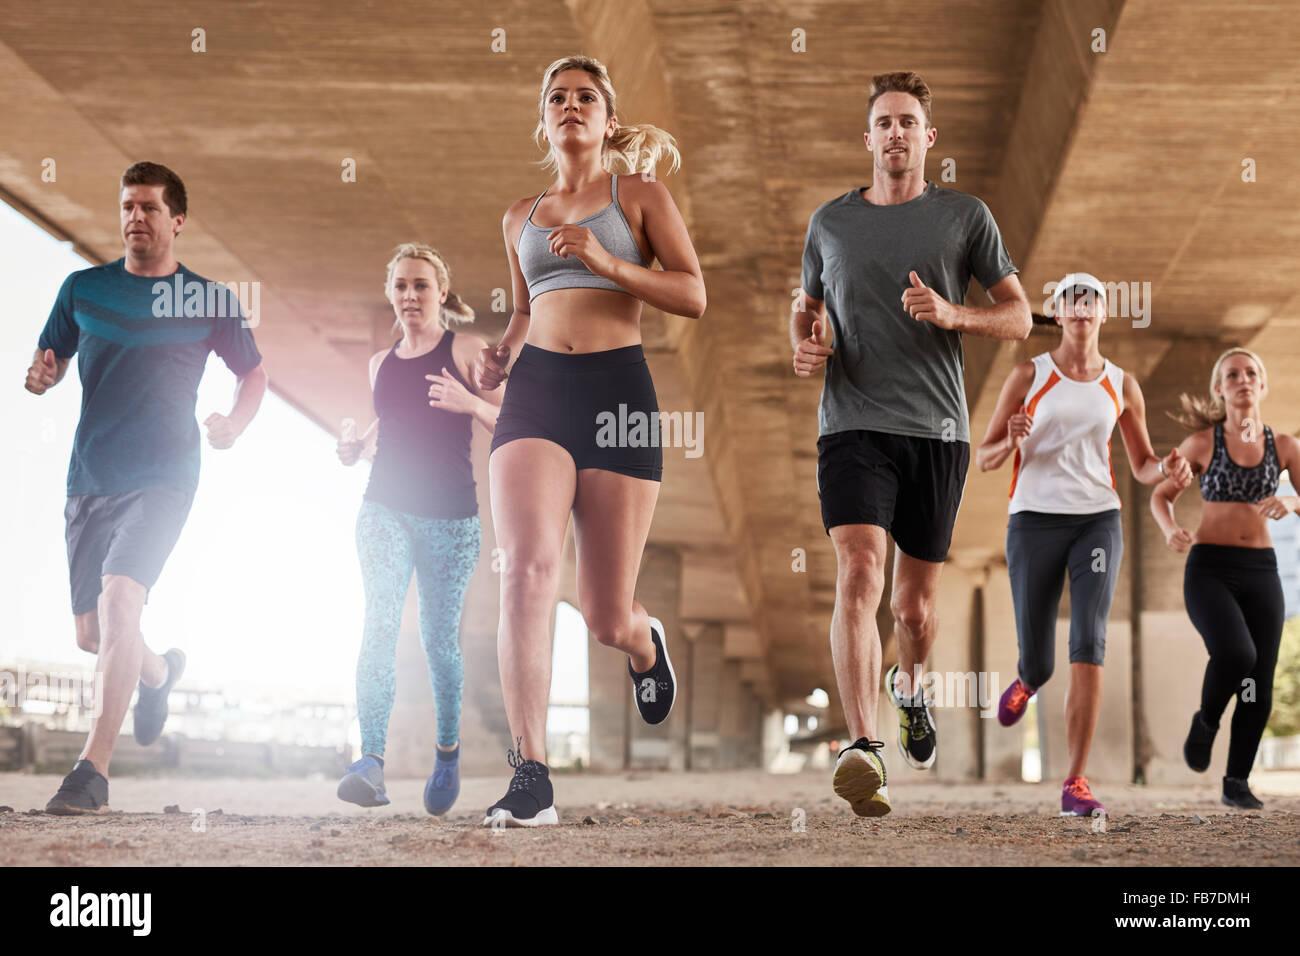 Groupe déterminé de jeunes fonctionnant ensemble en ville. Low angle view of running club membres formation Photo Stock